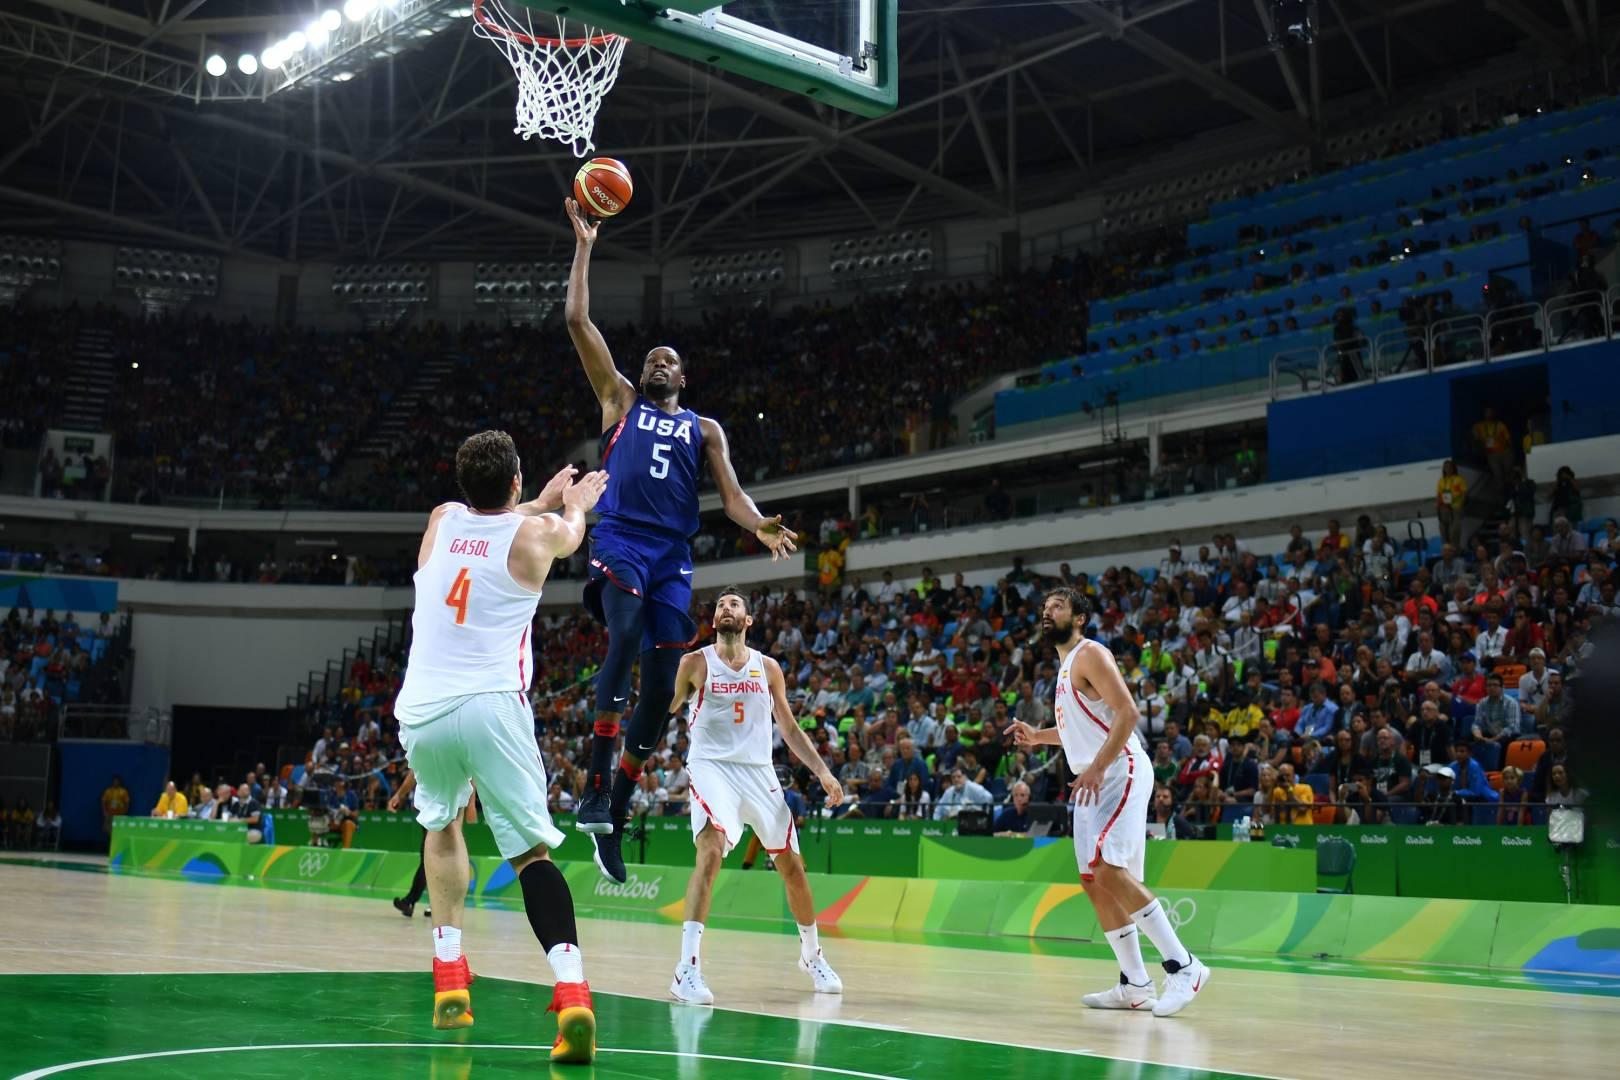 Rio 2016 Basketball 021